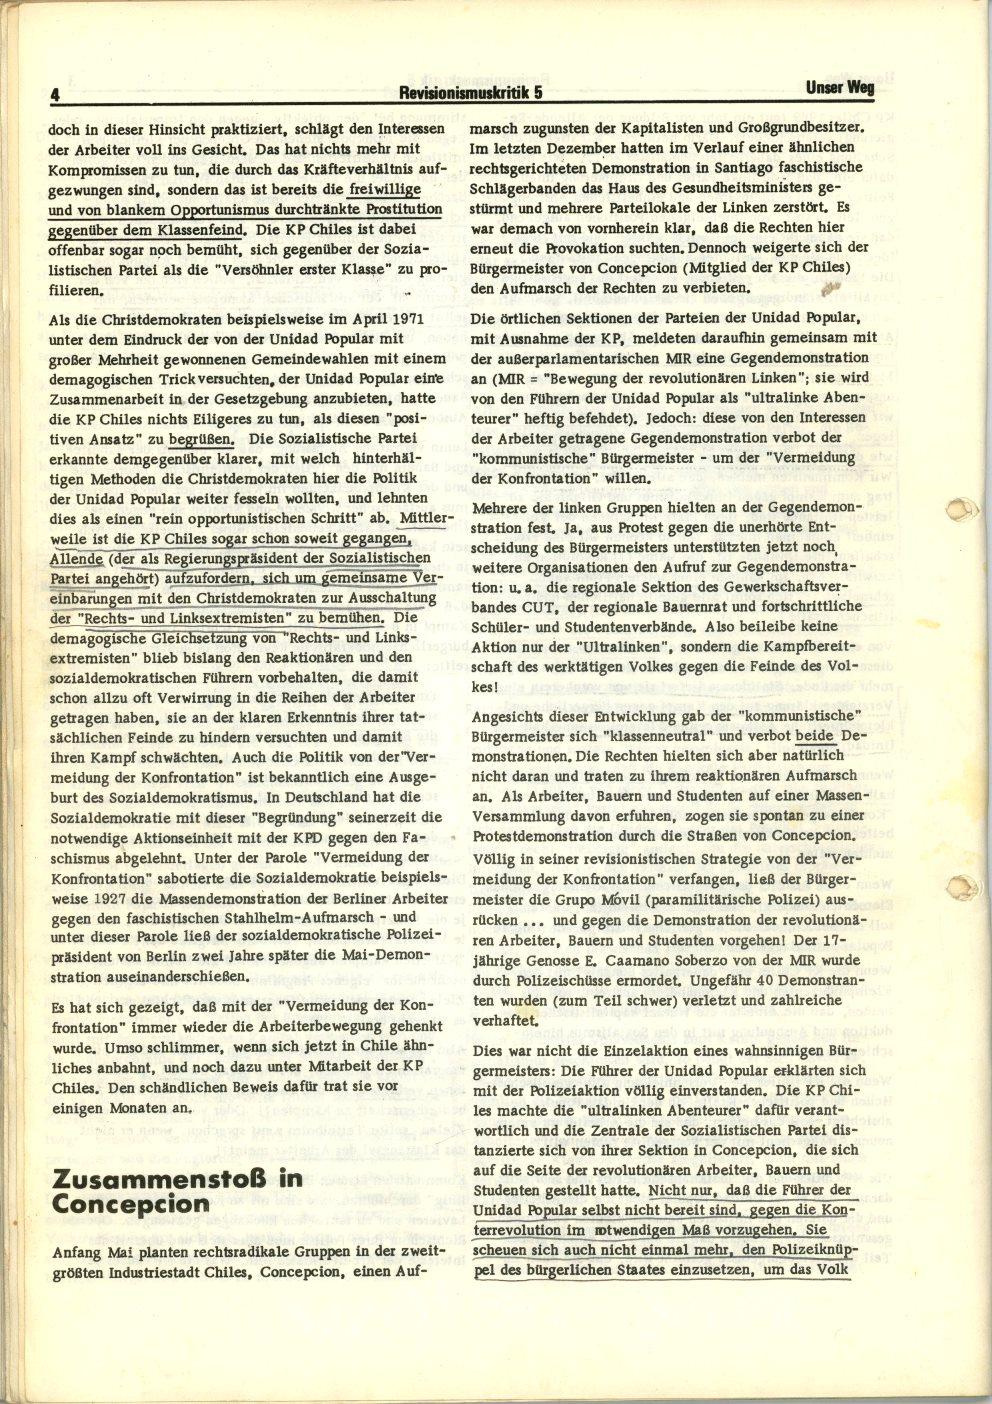 KB_Unser_Weg_1972_Chile_06